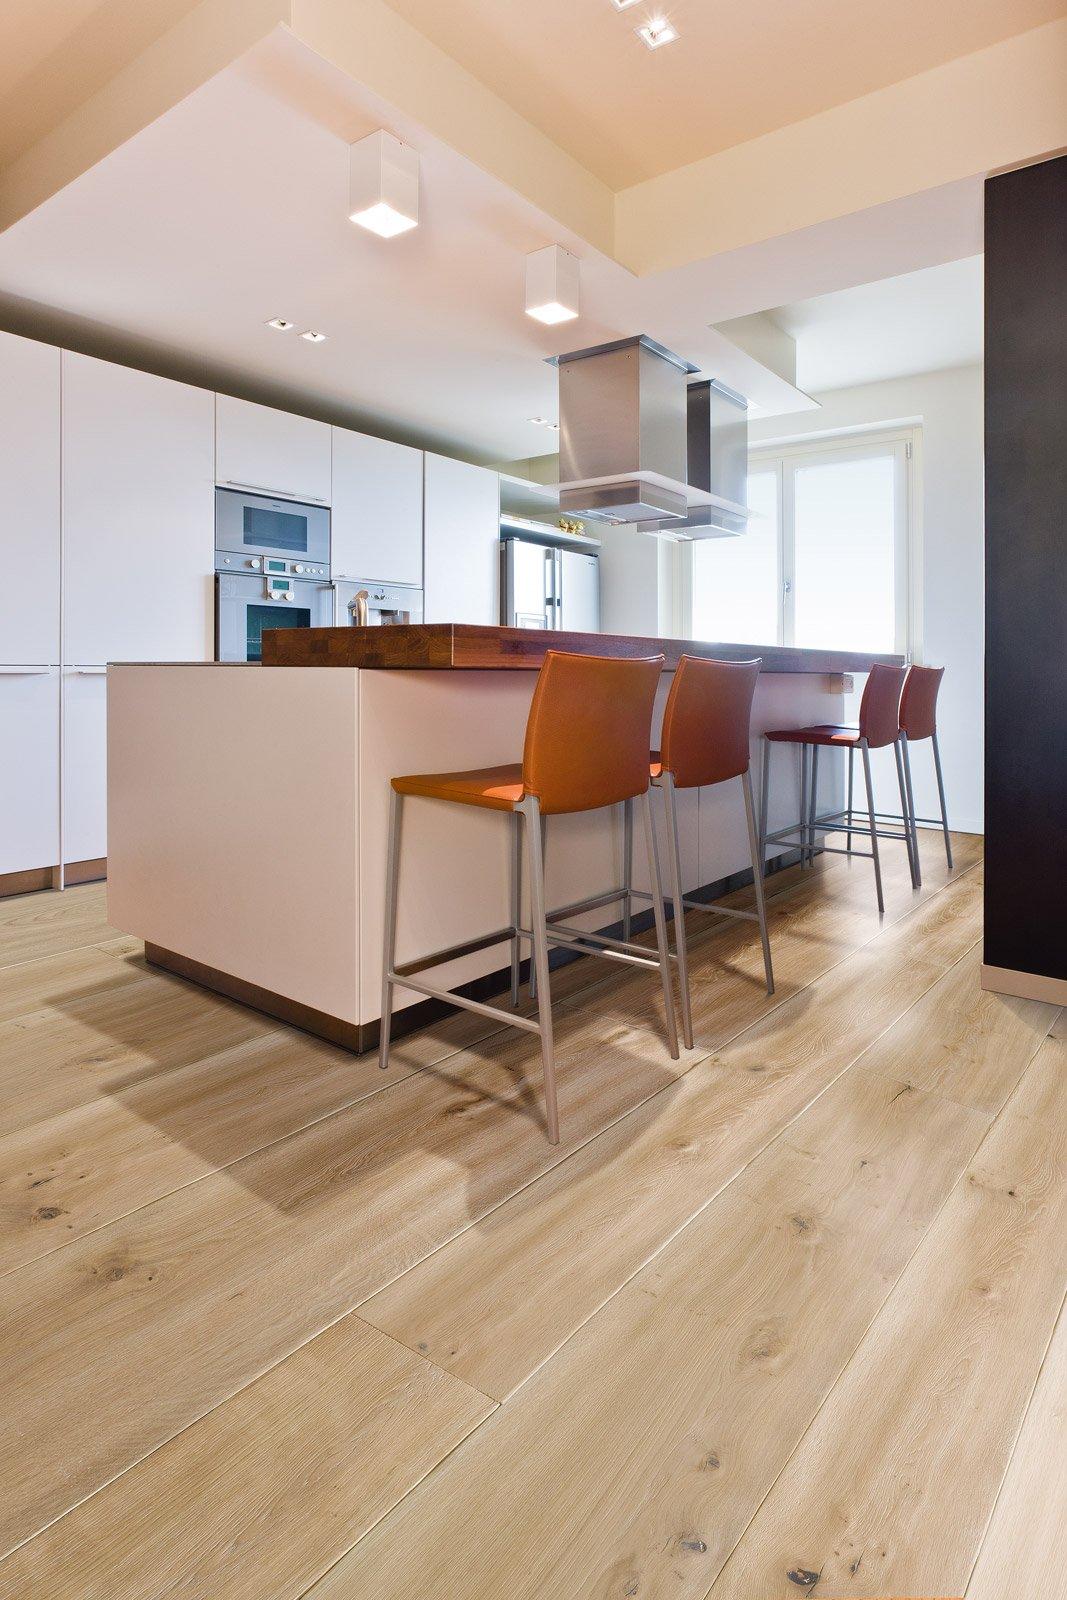 Scegliere il pavimento della cucina effetto legno - Parquet in cucina ...